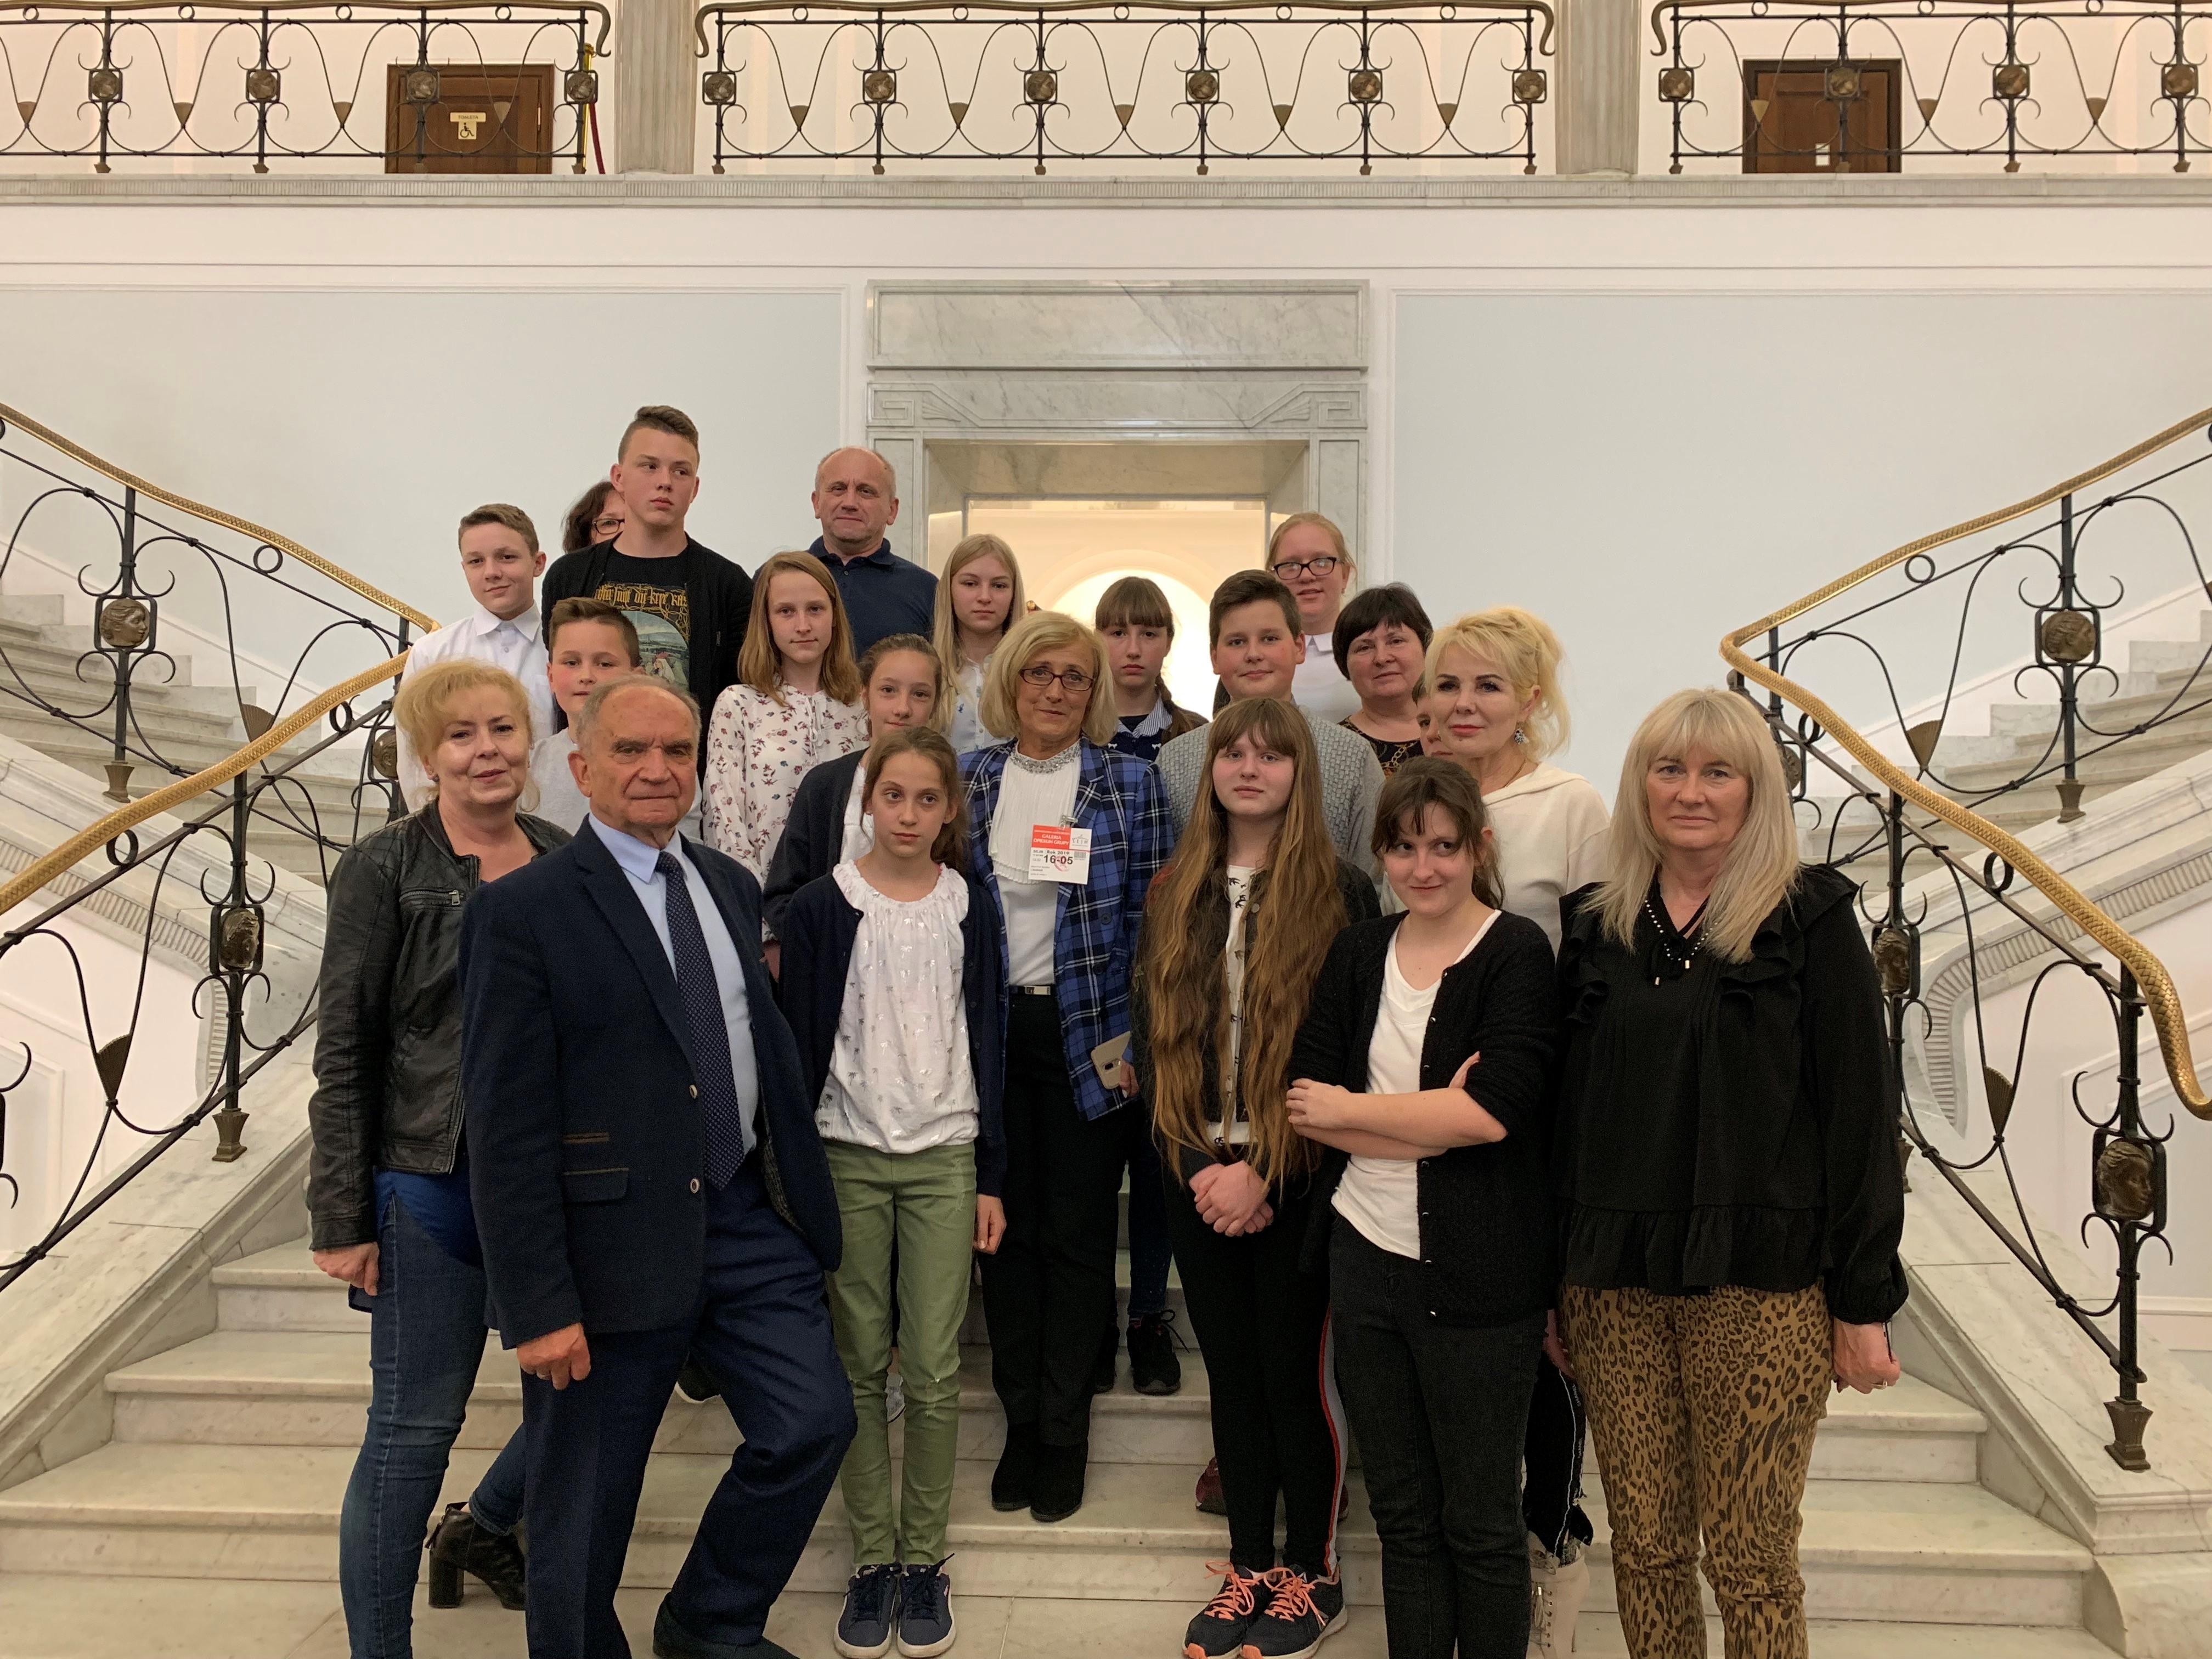 Z wizytą w Sejmie Rzeczypospolitej Polskiej